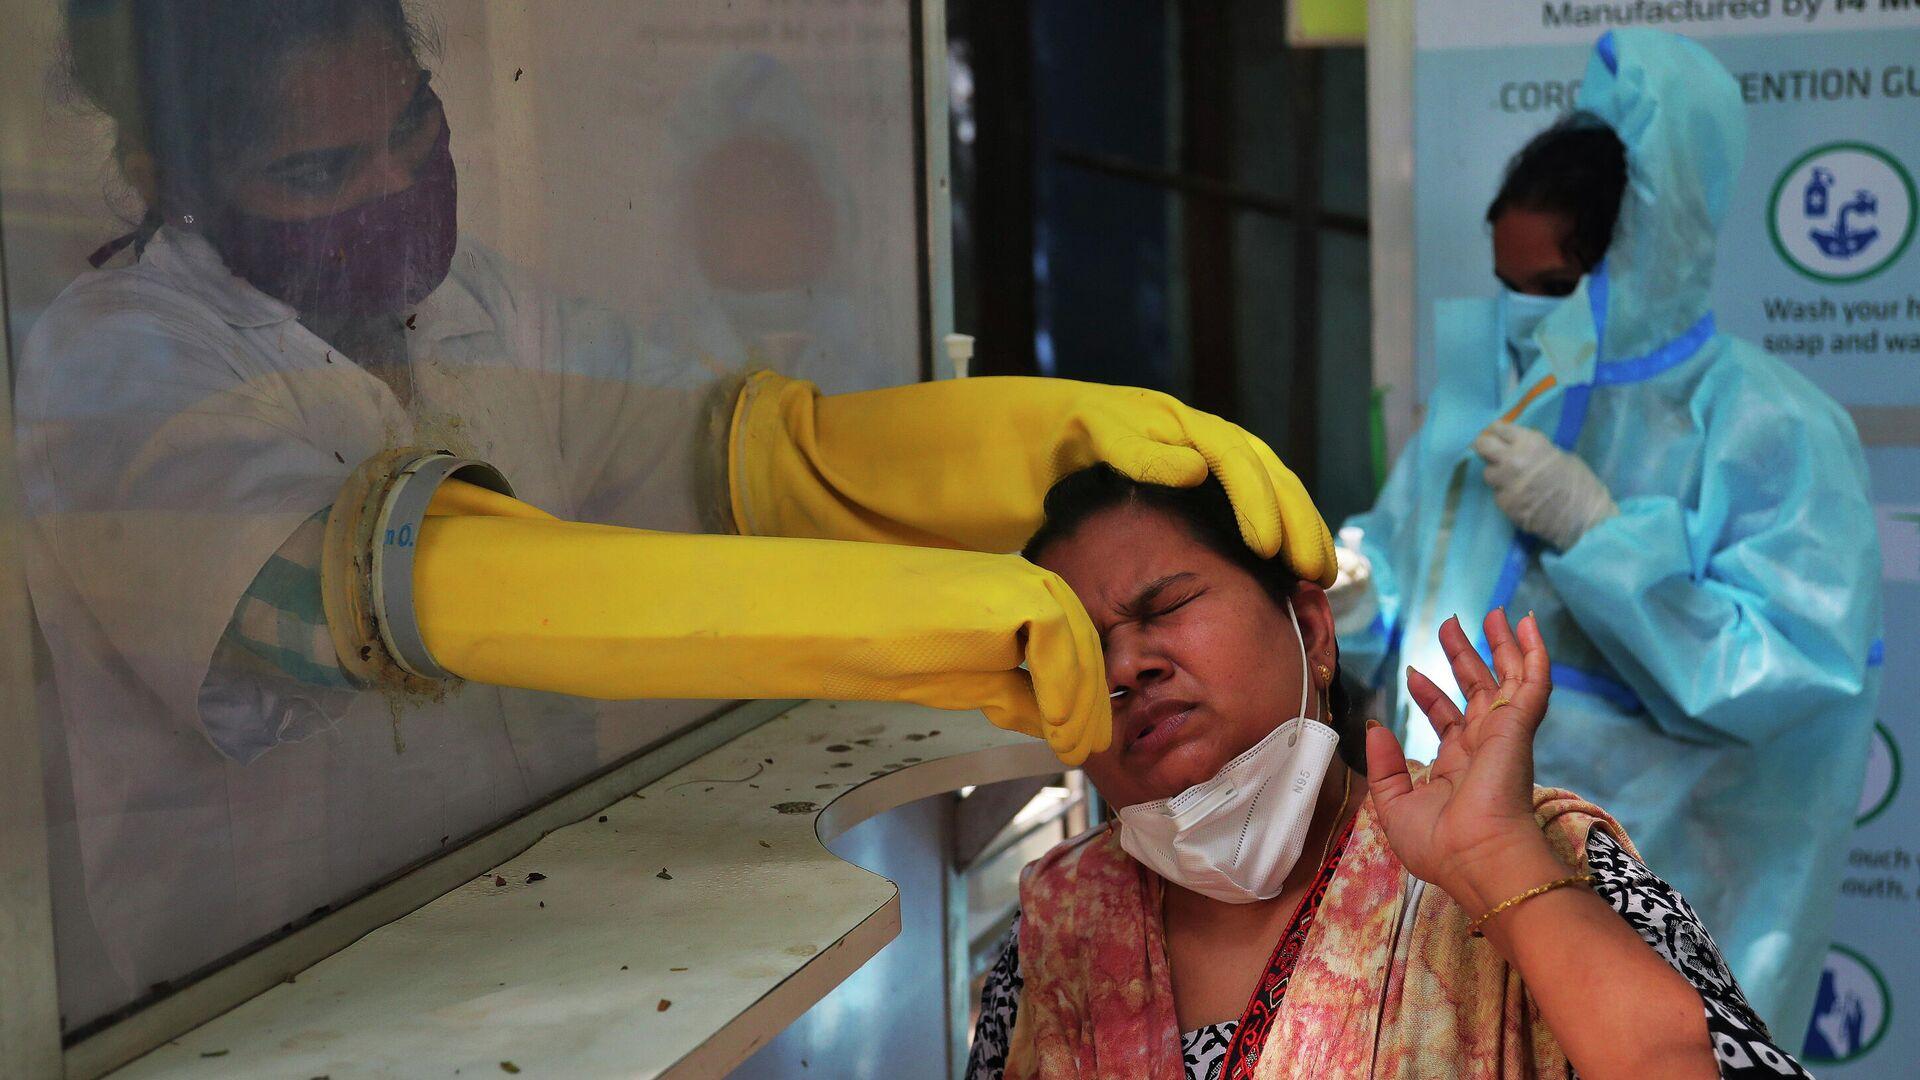 Медицинский работник берет мазок из носа для тестирования на COVID-19 в Хайдарабаде, Индия - РИА Новости, 1920, 03.01.2021